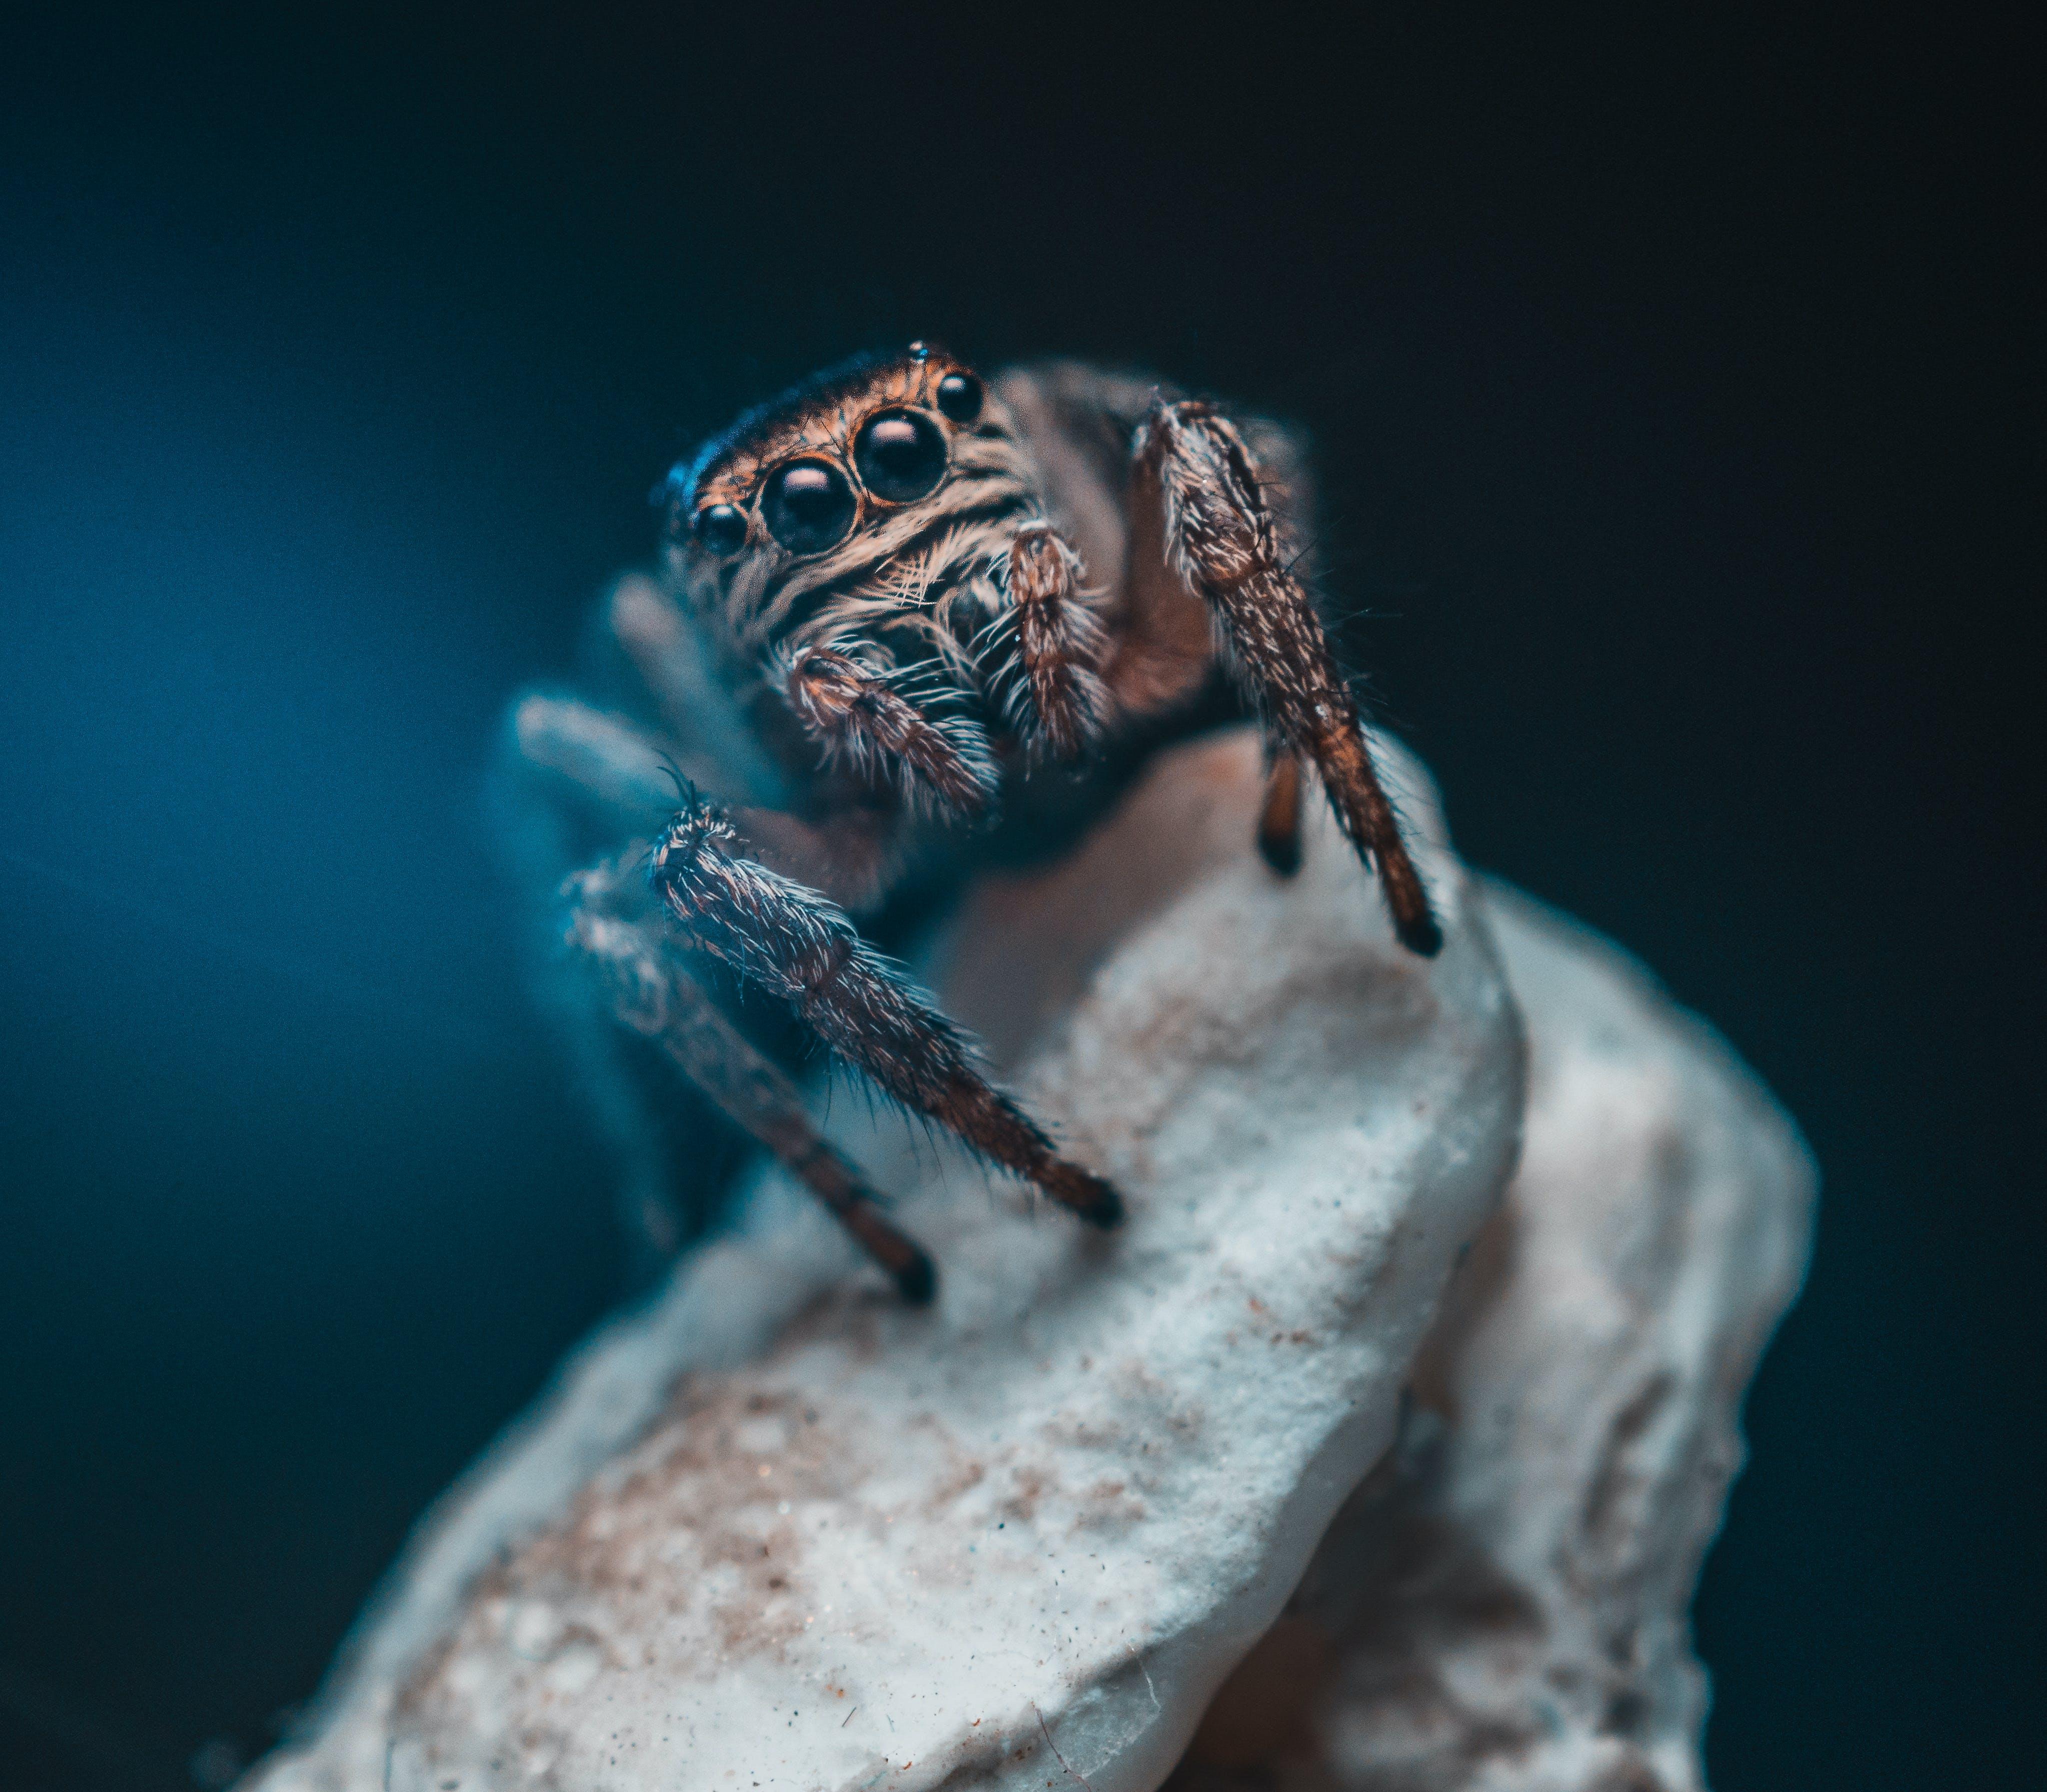 Fotos de stock gratuitas de animal, araña, Arte, insecto